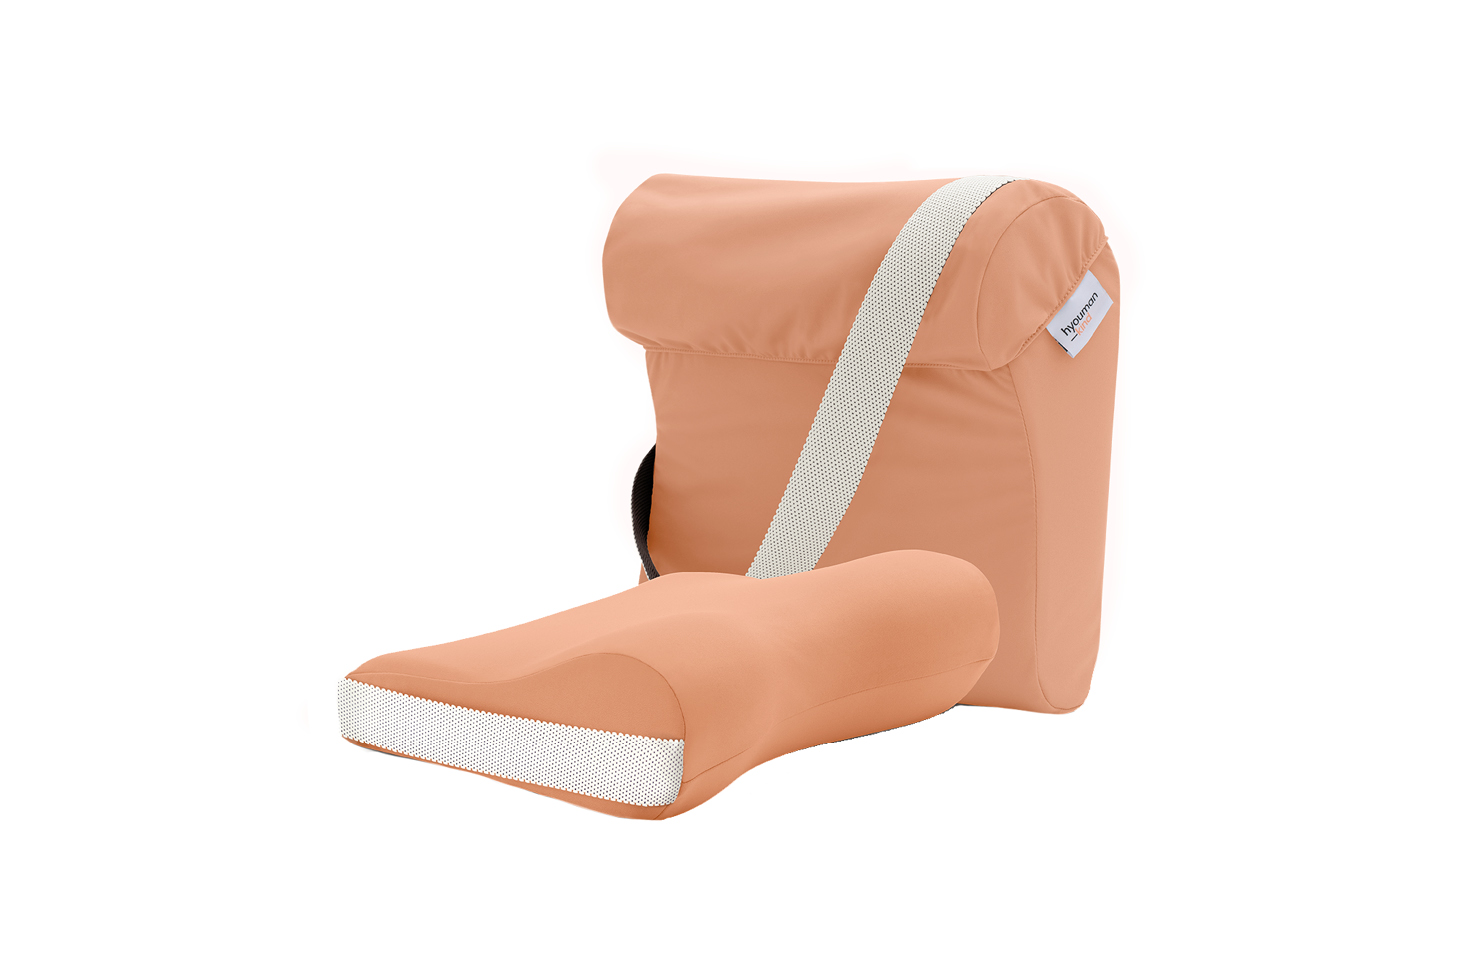 Ultimate Go Pillow Kit